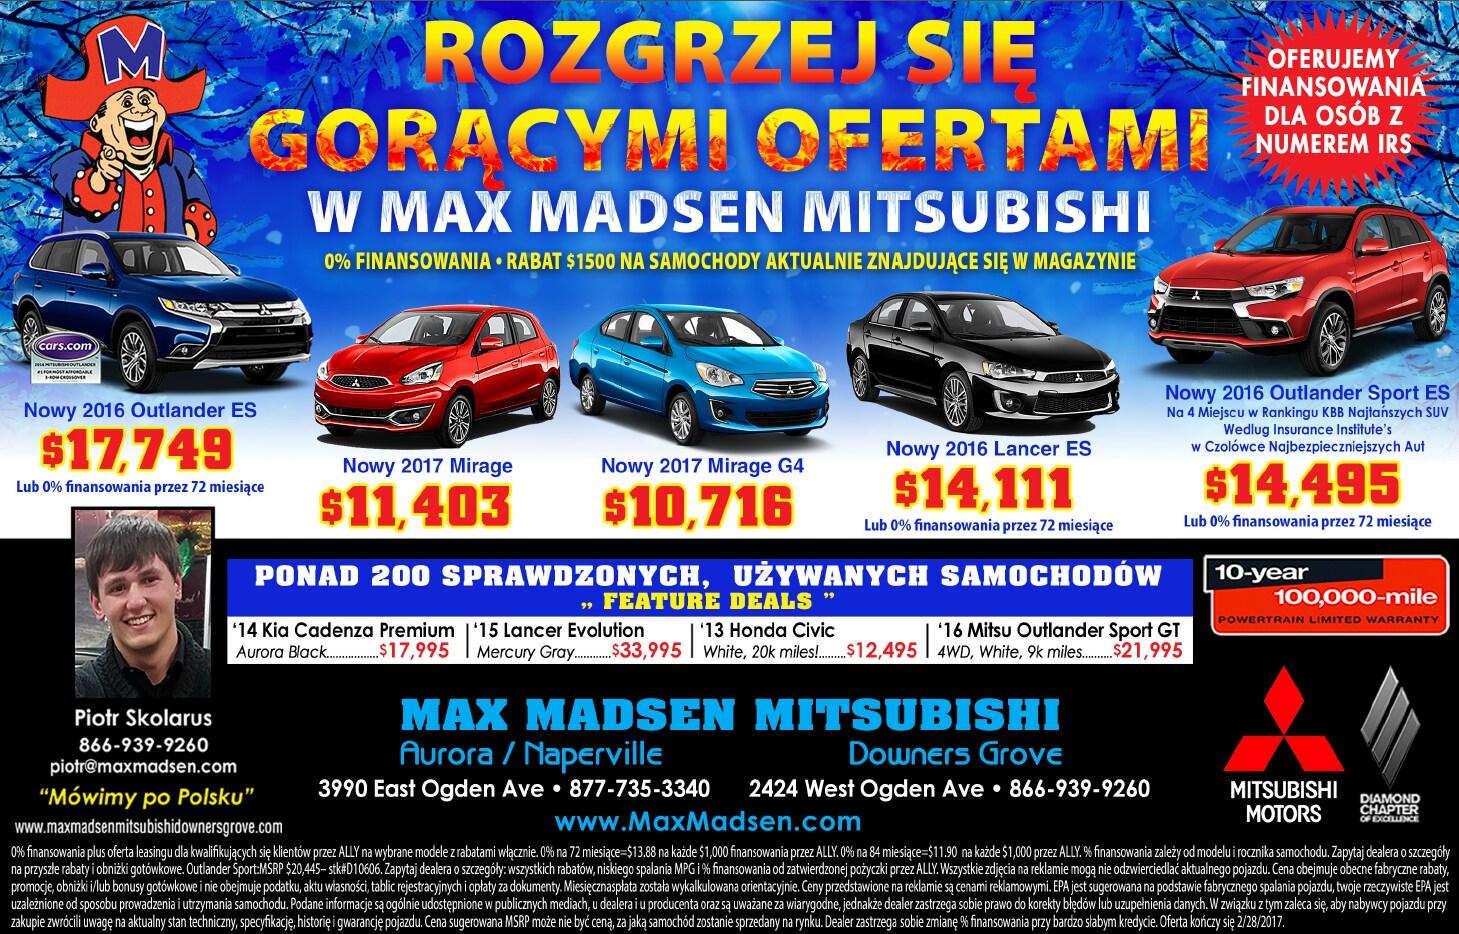 Max Madsen Mitsubishi >> Max Madsen Mitsubishi | New Mitsubishi dealership in Downers Grove, IL 60515